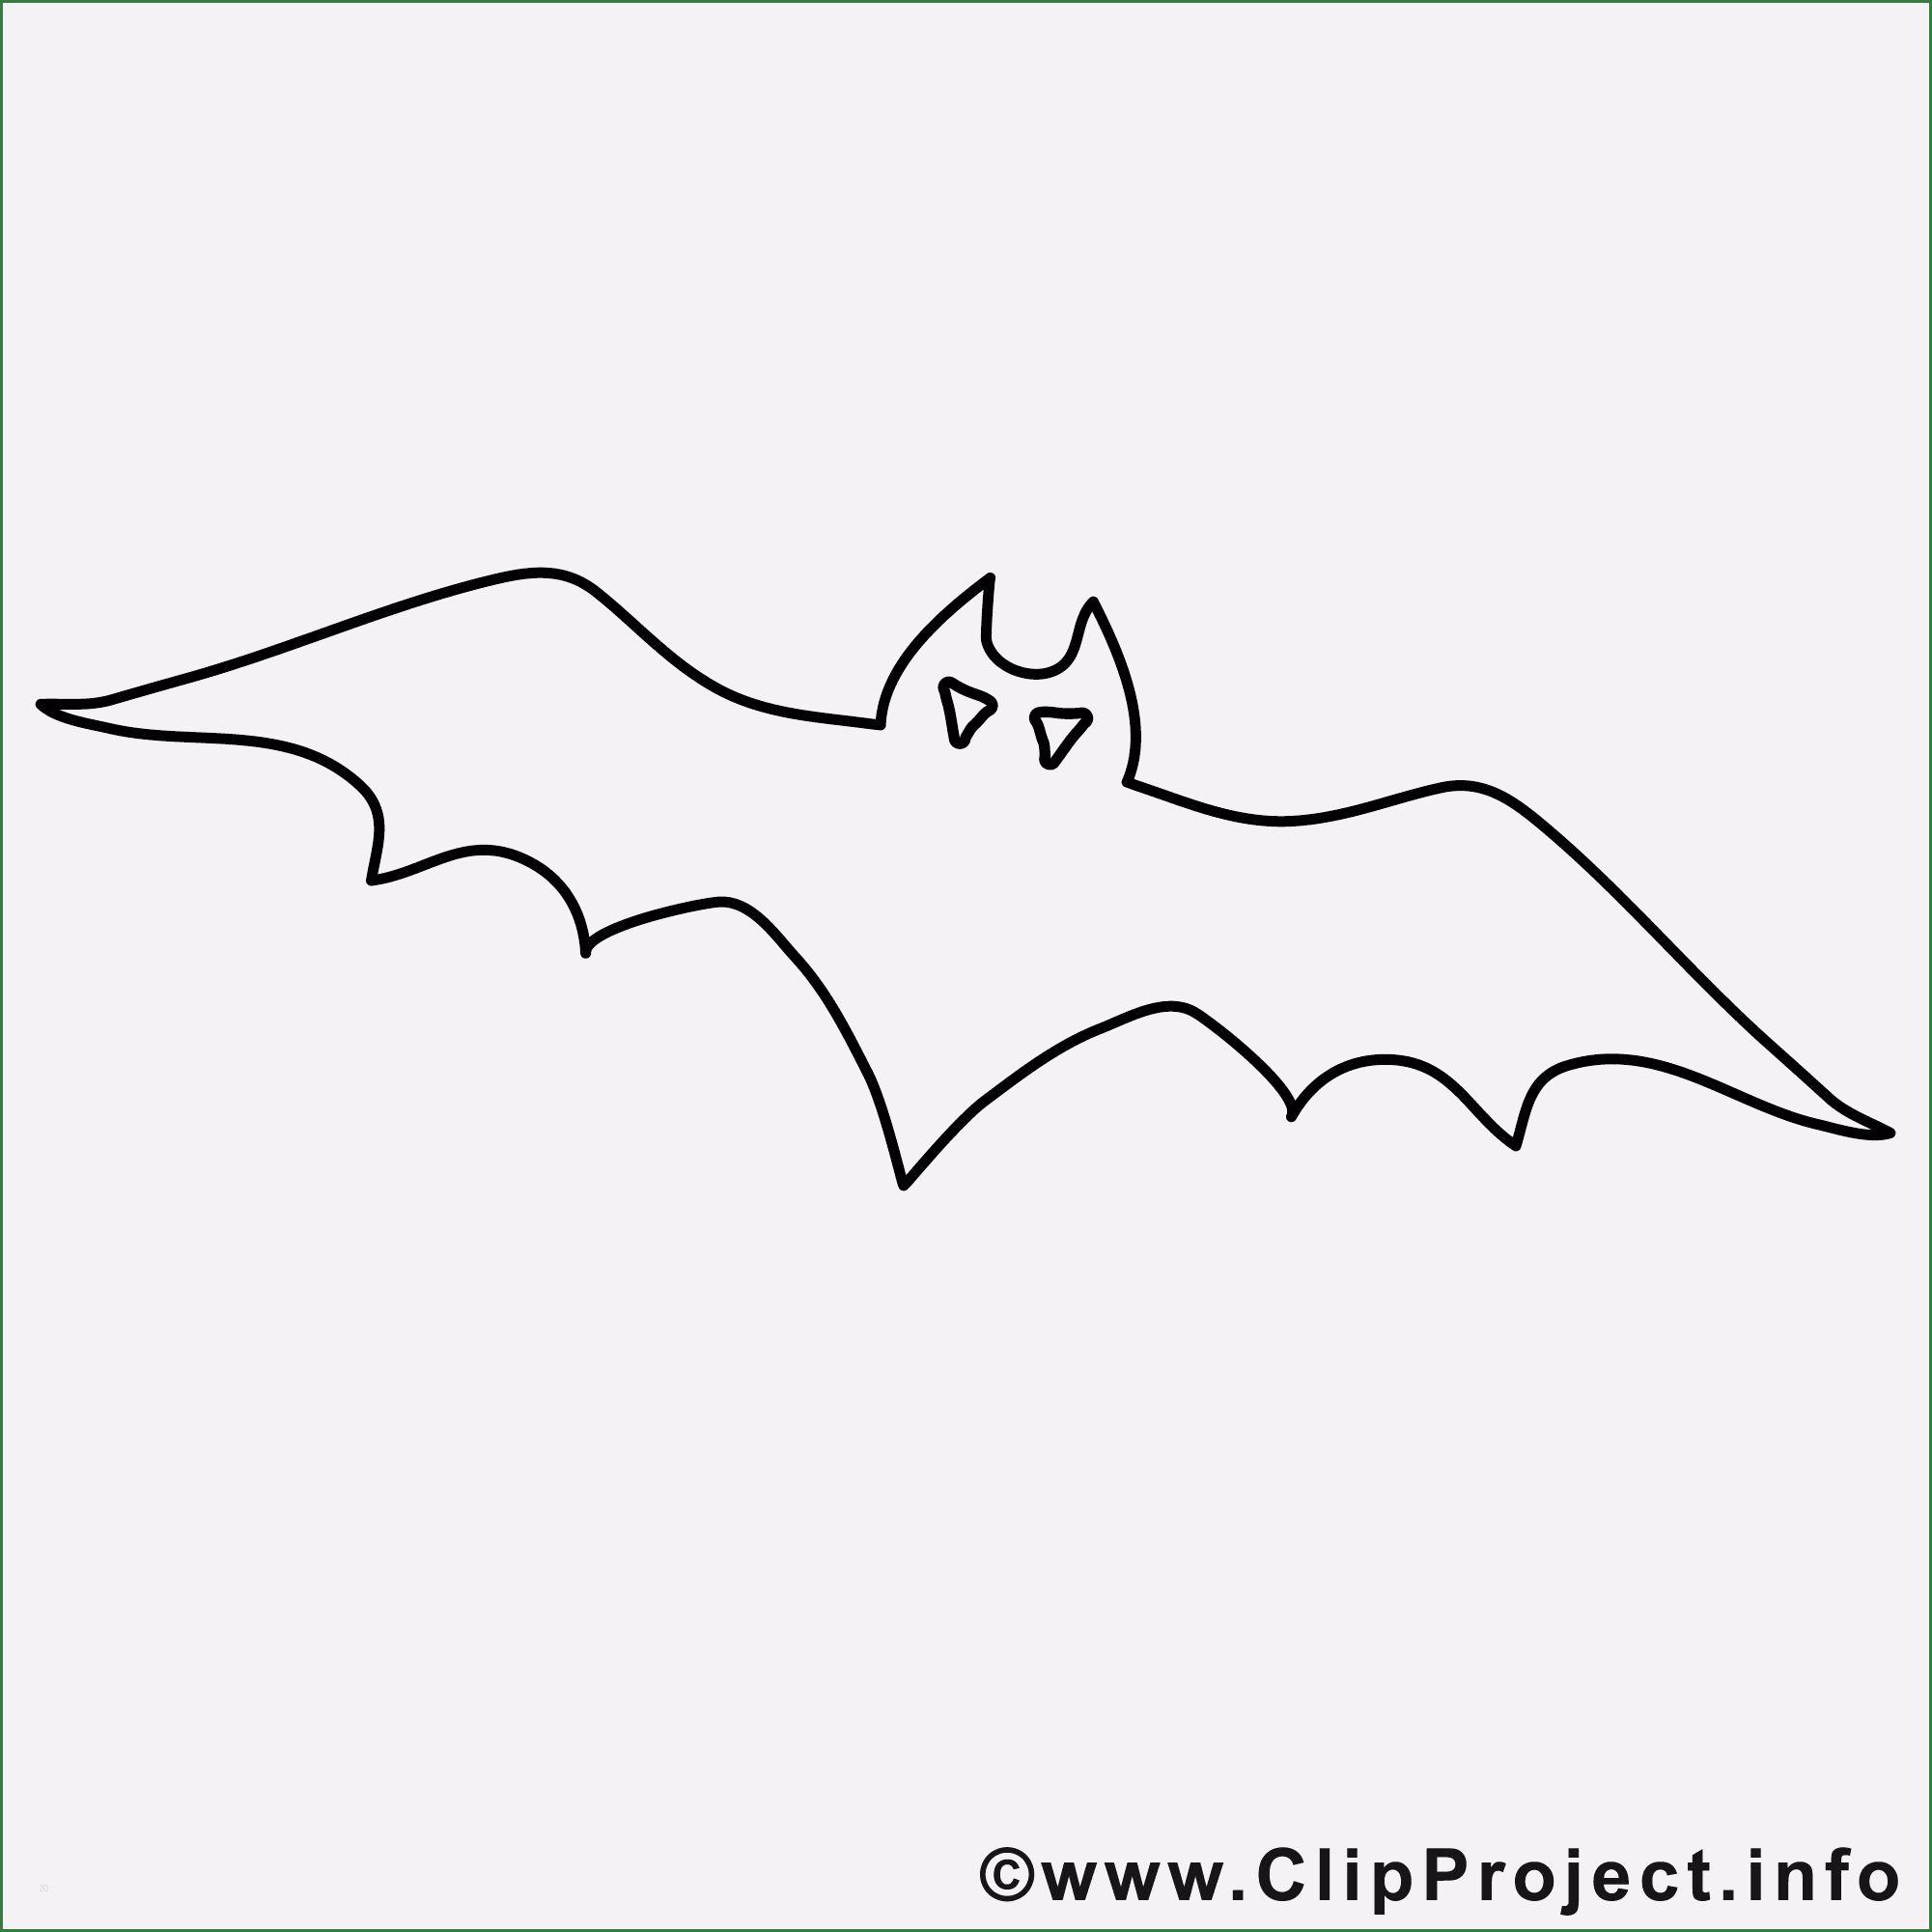 14 Aussergewohnlich Fledermaus Vorlage Fur 2020 Fledermaus Vorlage Fledermaus Malvorlagen Bilder Zum Ausdrucken Kostenlos